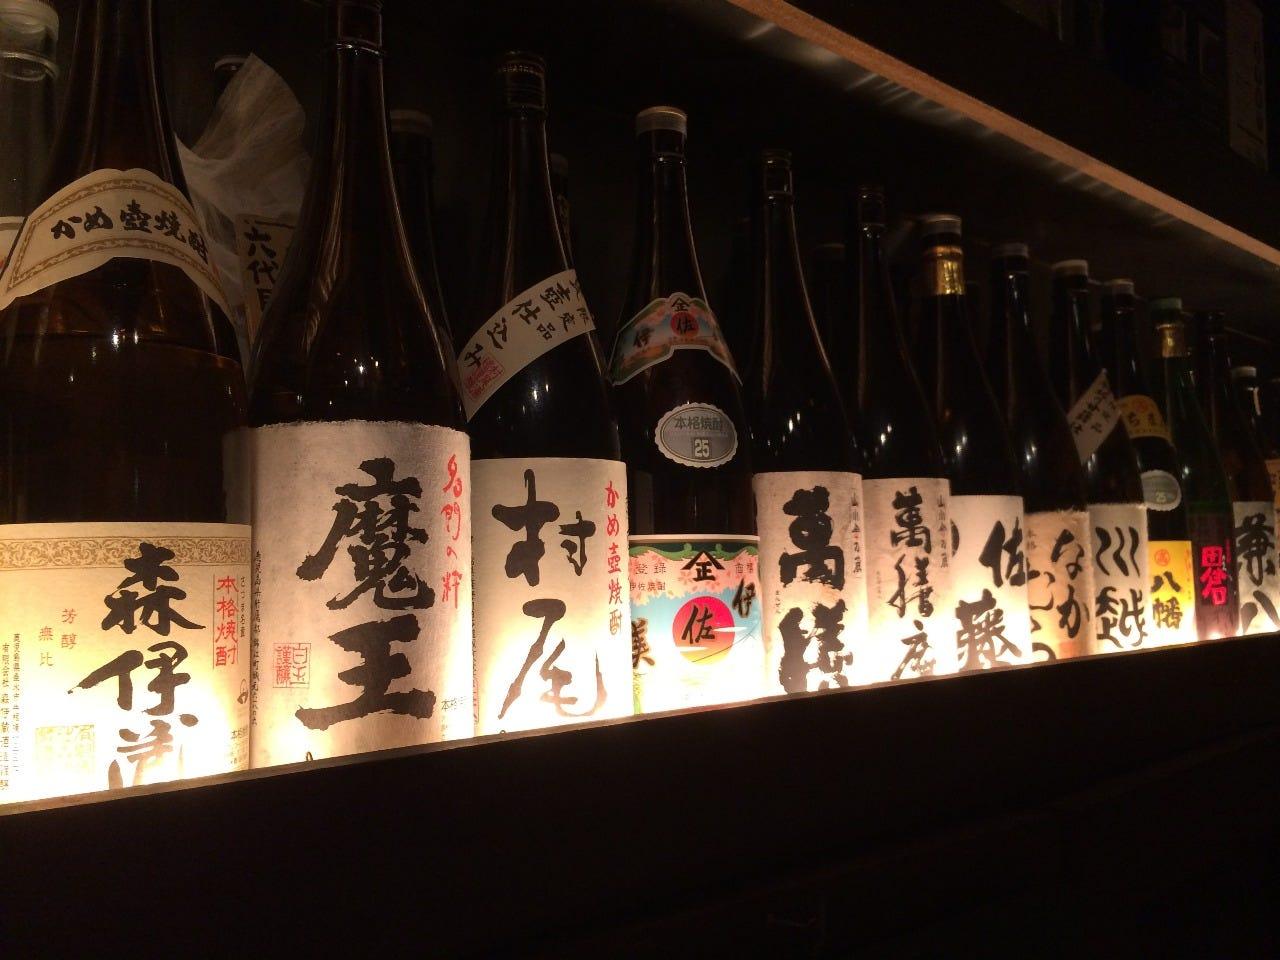 九州出身、店主こだわりの焼酎!